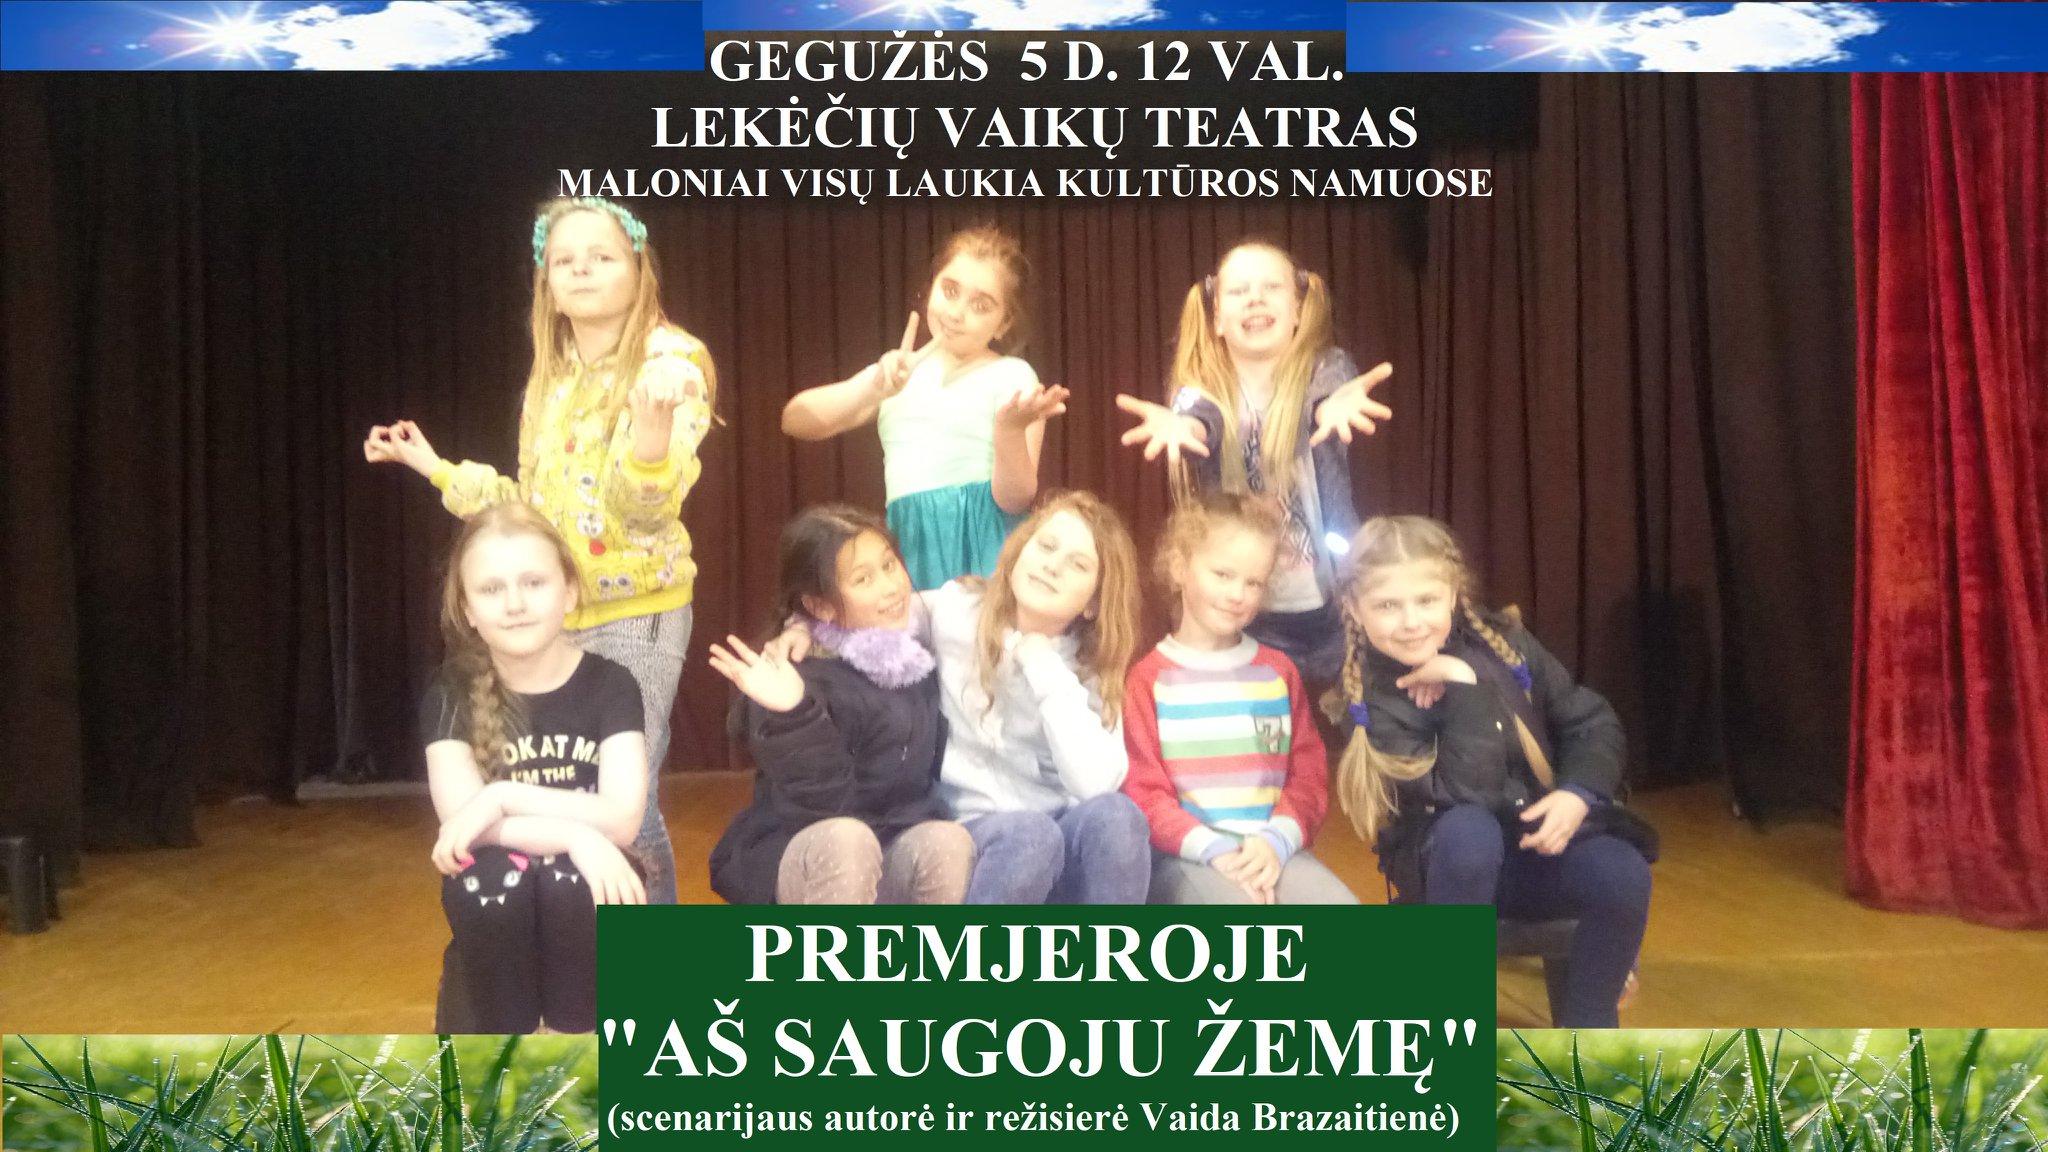 Vaik-teatro-premjeros-skelbimas.jpg